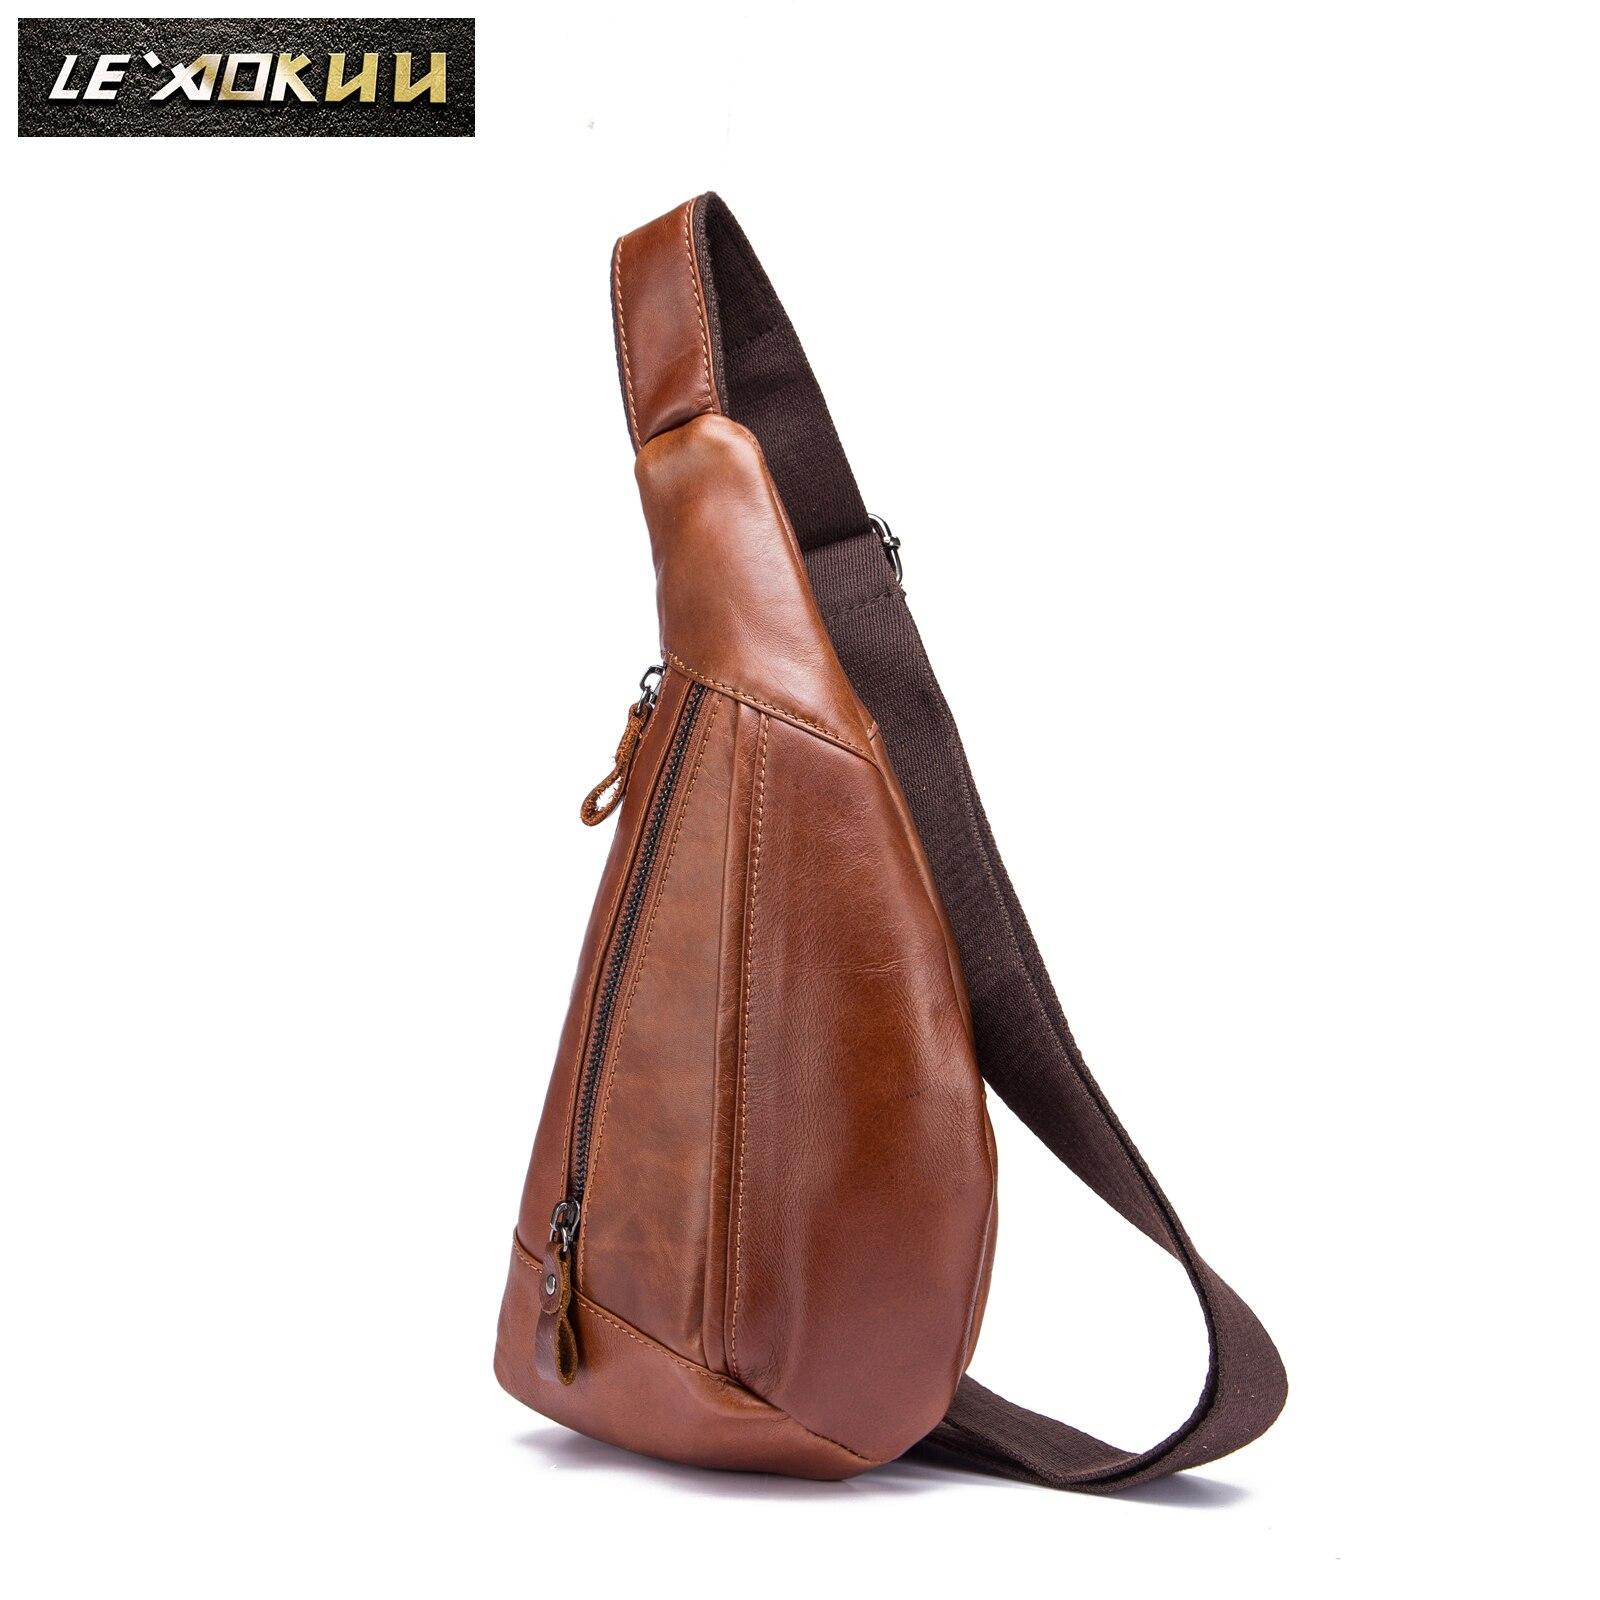 Quality Mens Original Leather Fashion Tringle Chest Pack Bag Design Male Sling Crossbody One Shoulder Bag Backpack Daypack 8807